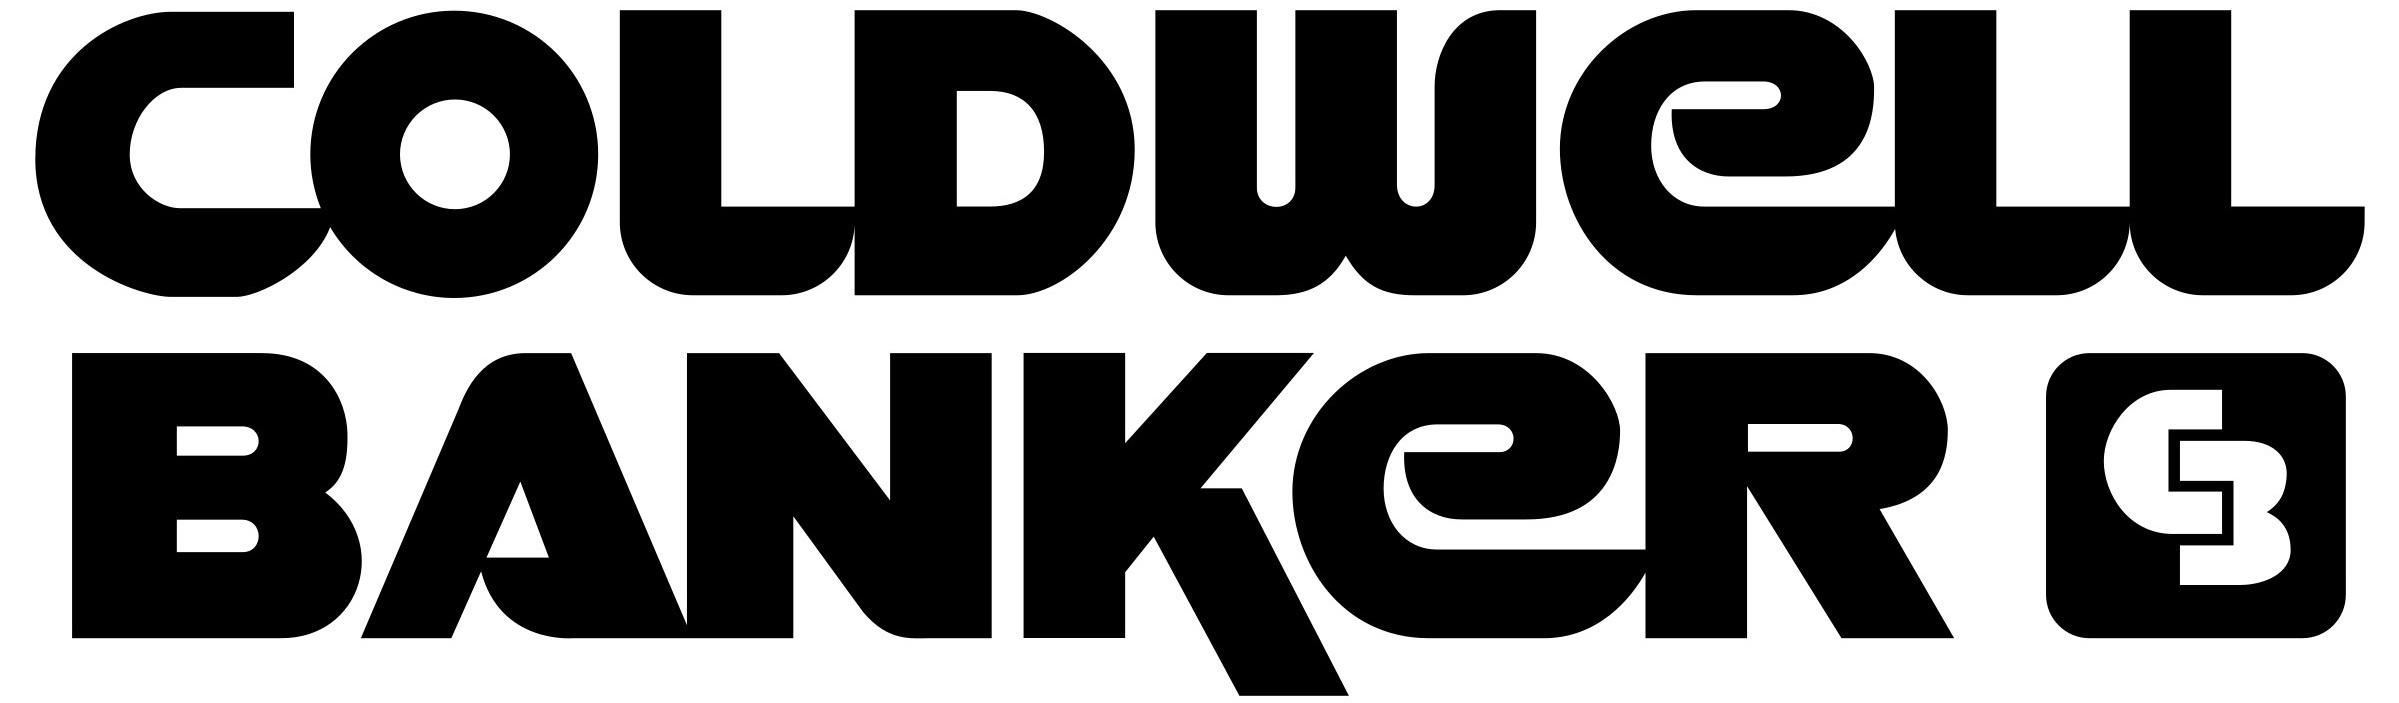 coldwell-banker-4228-logo-png-transparent.jpg